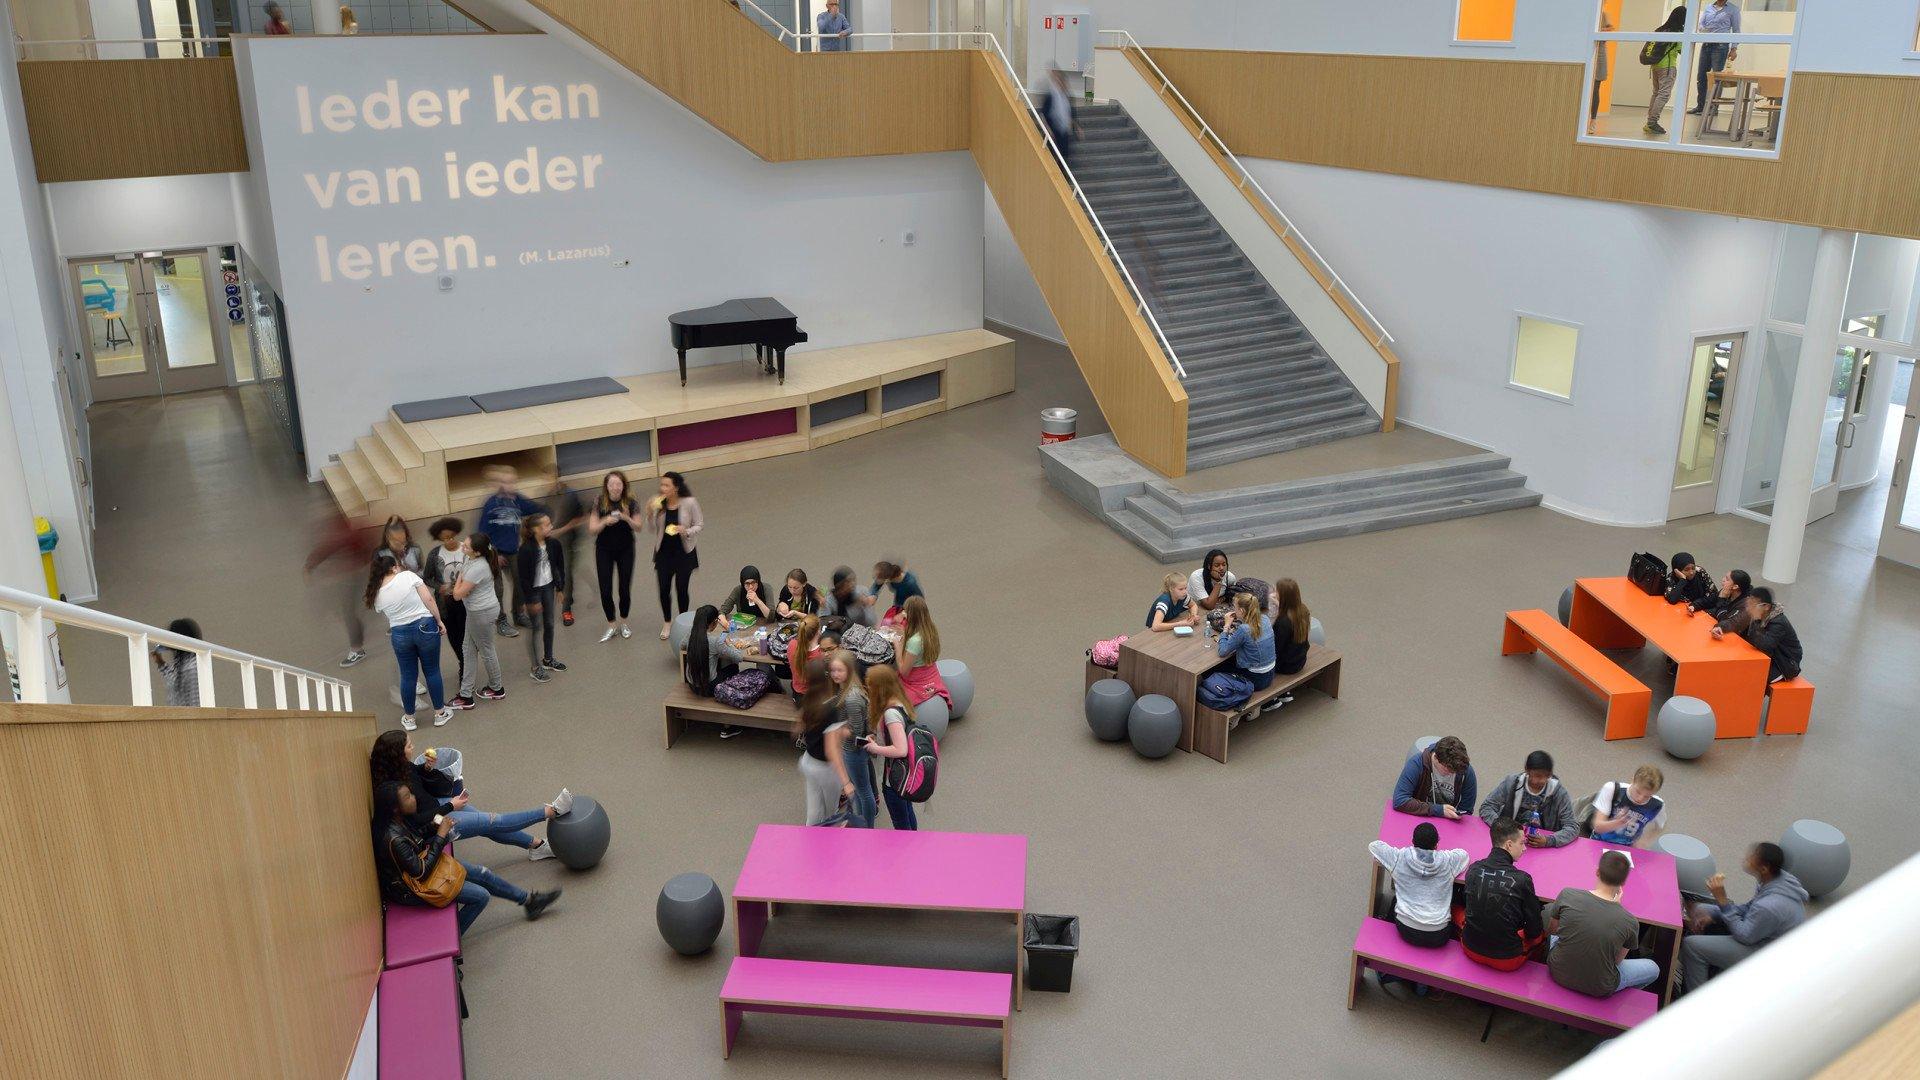 IJssel College Capelle aan den IJssel Bolidtop 700 College